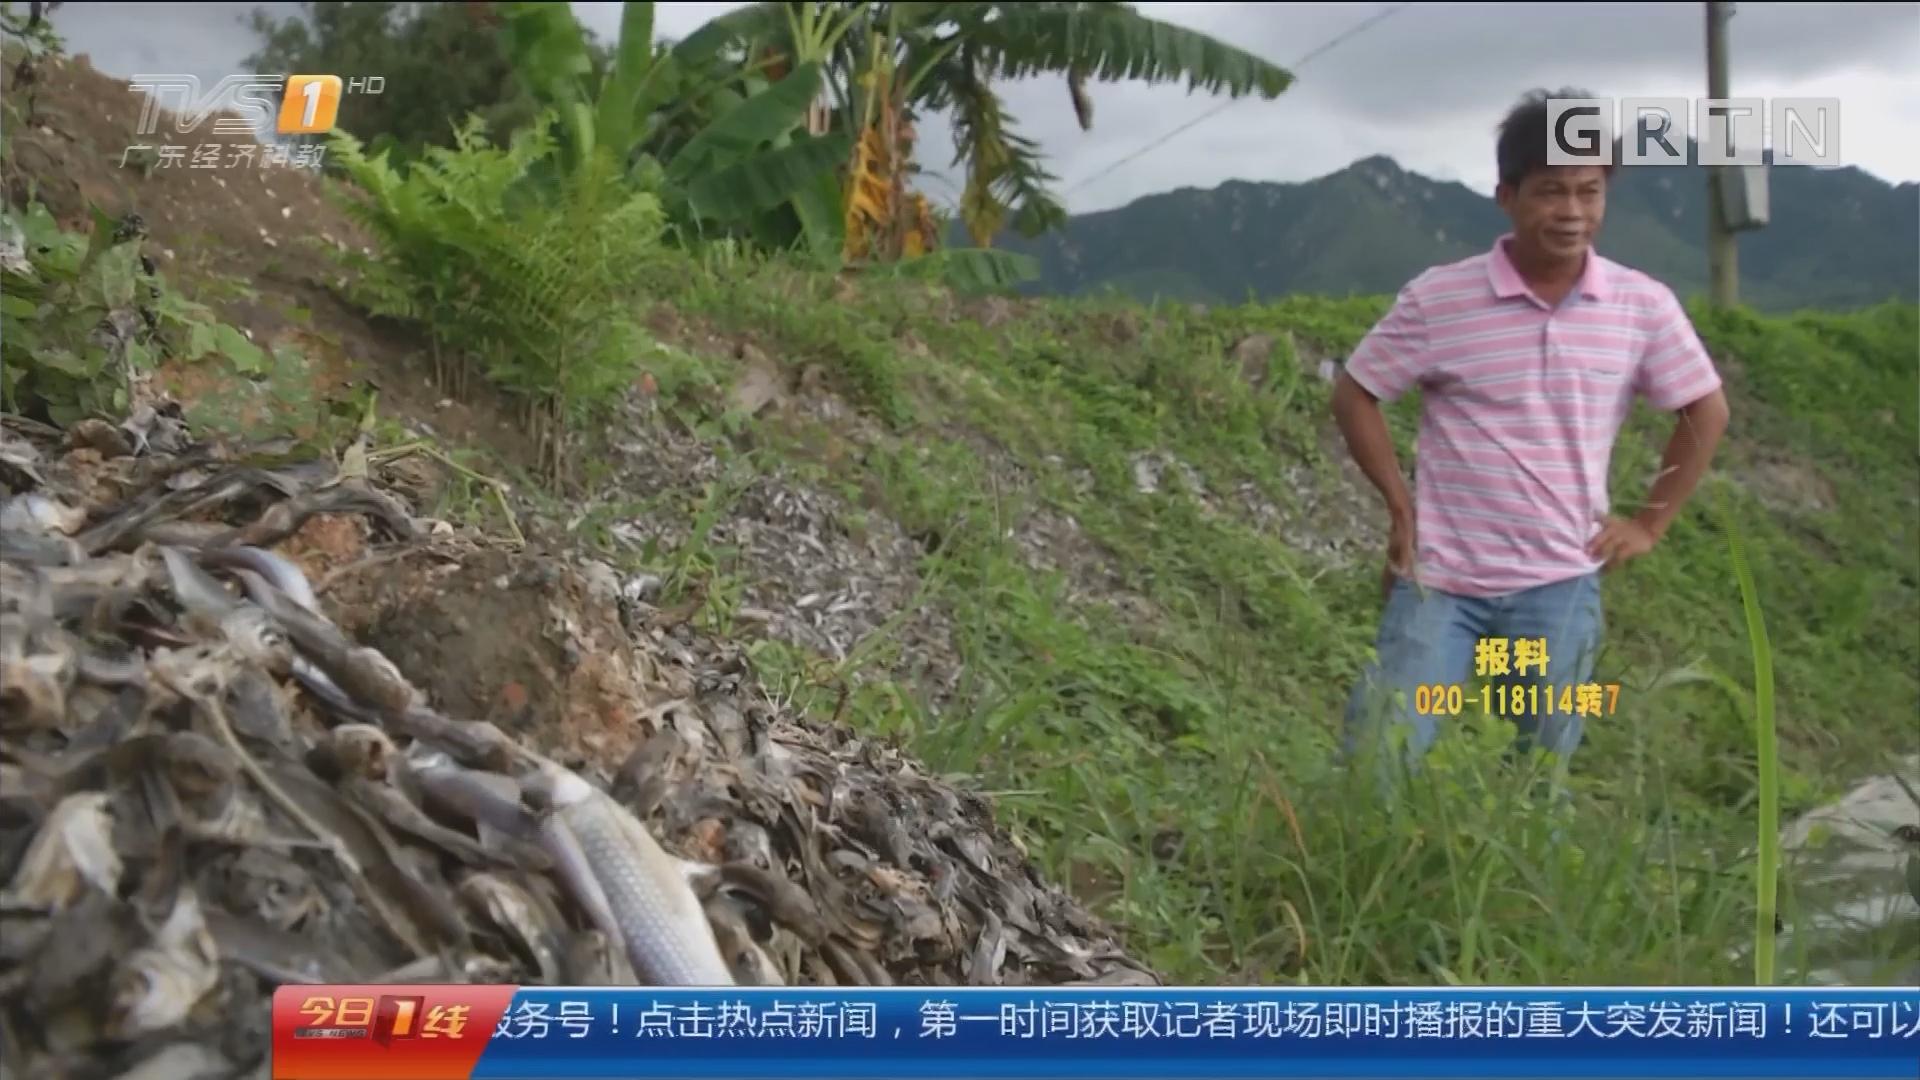 清远清新区:三十亩塘鱼一日暴毙 塘主损失惨重